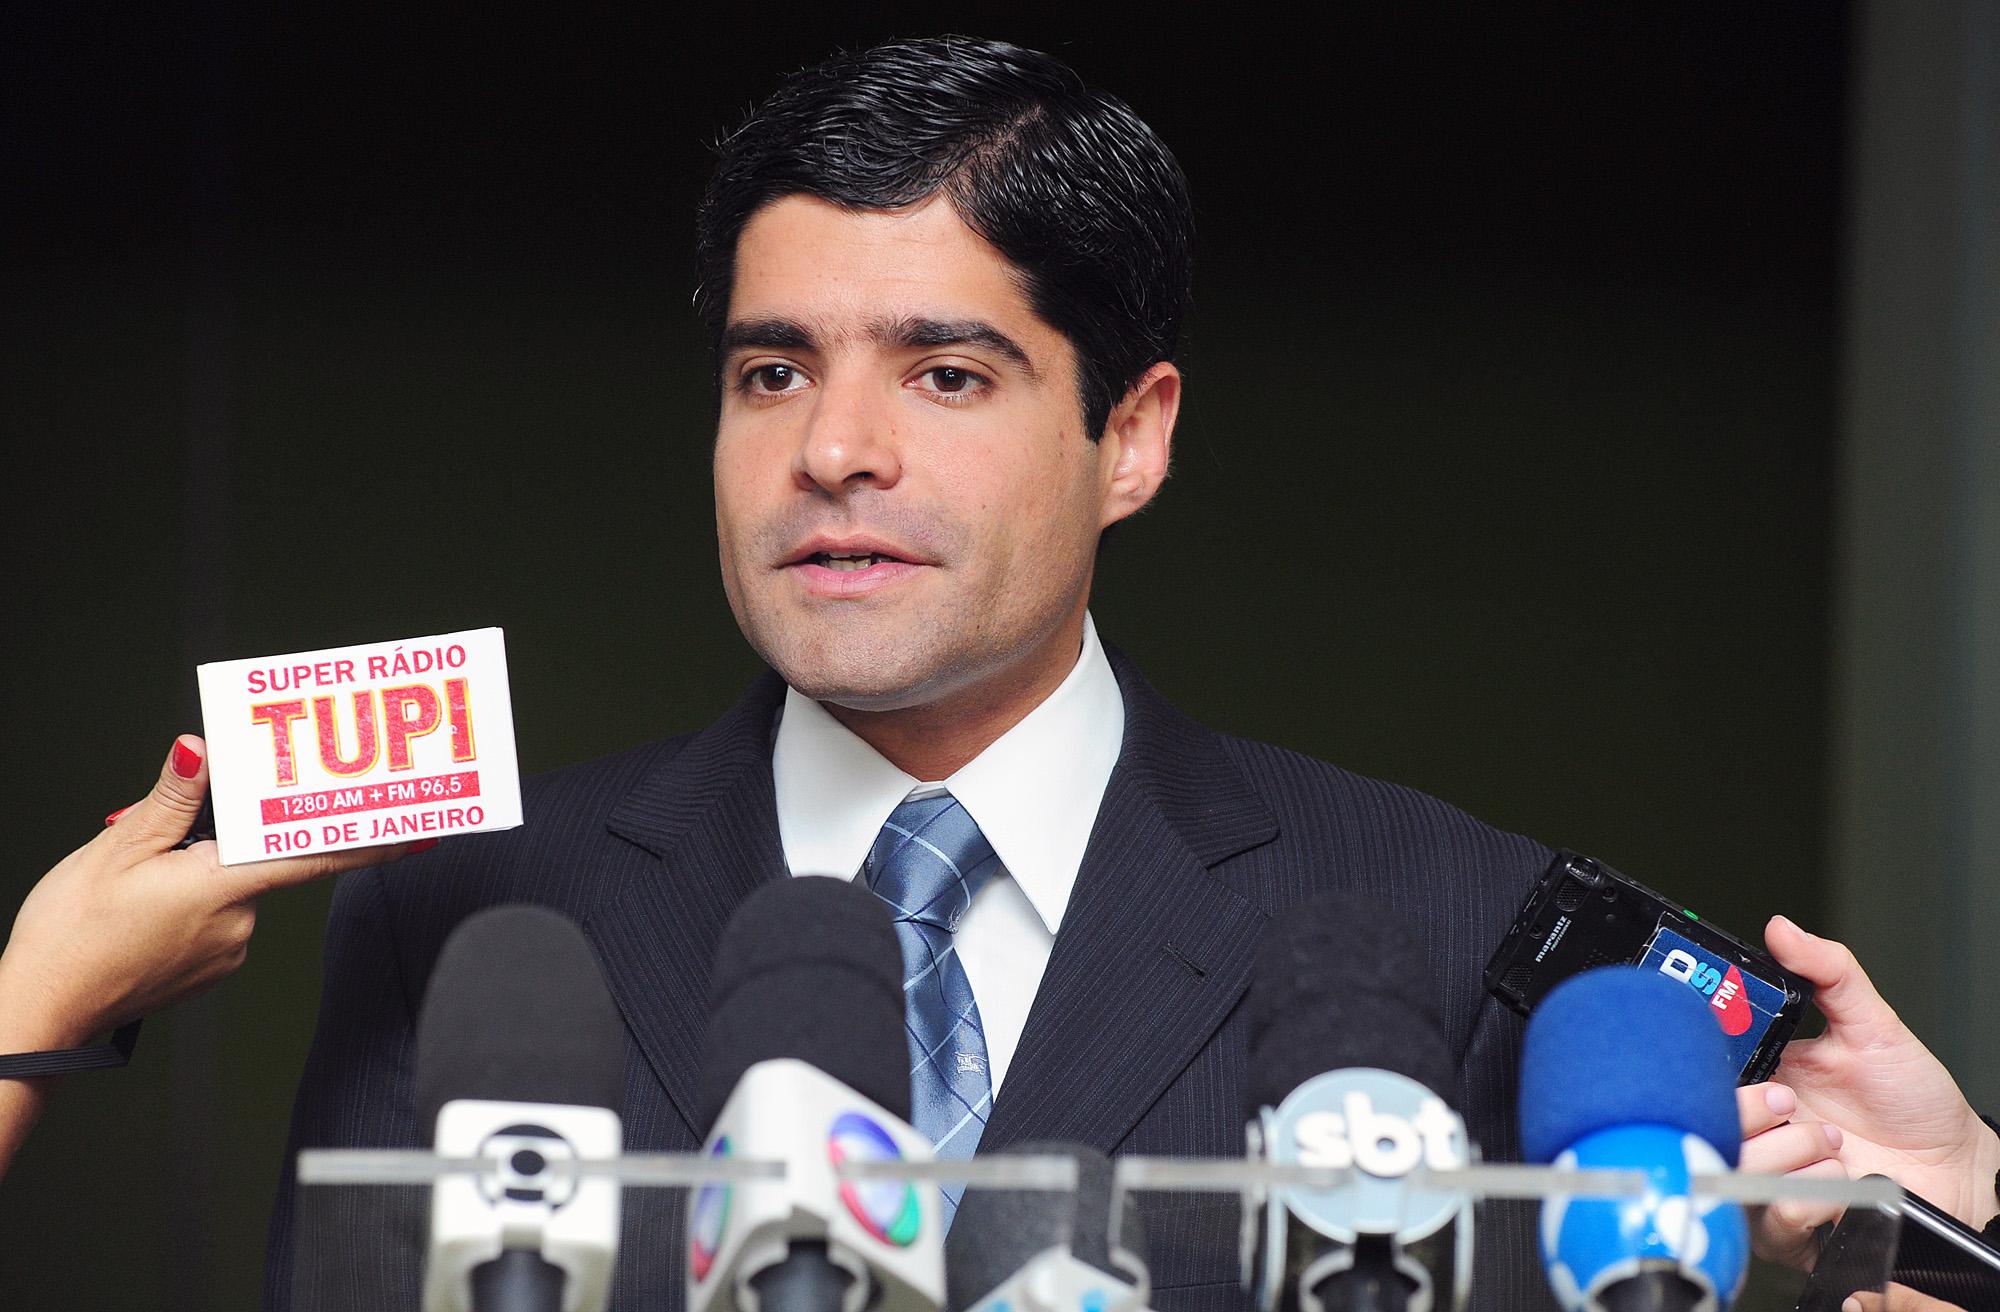 O presidente nacional do DEM, ACM Neto. Foto: Alexandra Martins/Câmara dos Deputados